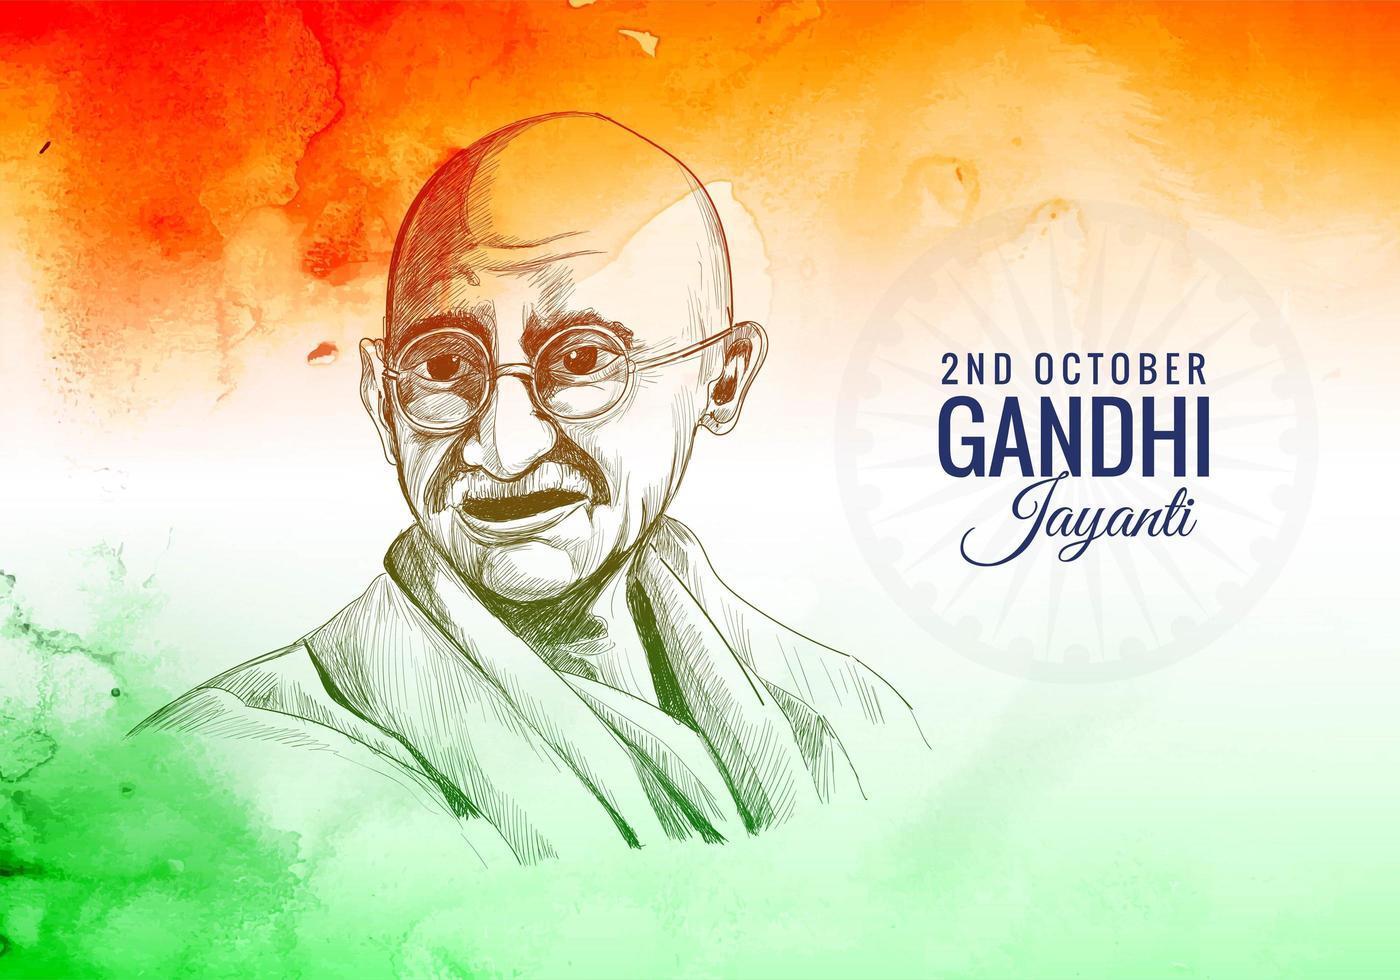 Gandhi Jayanti ist ein nationales Festival gefeierten Hintergrund vektor